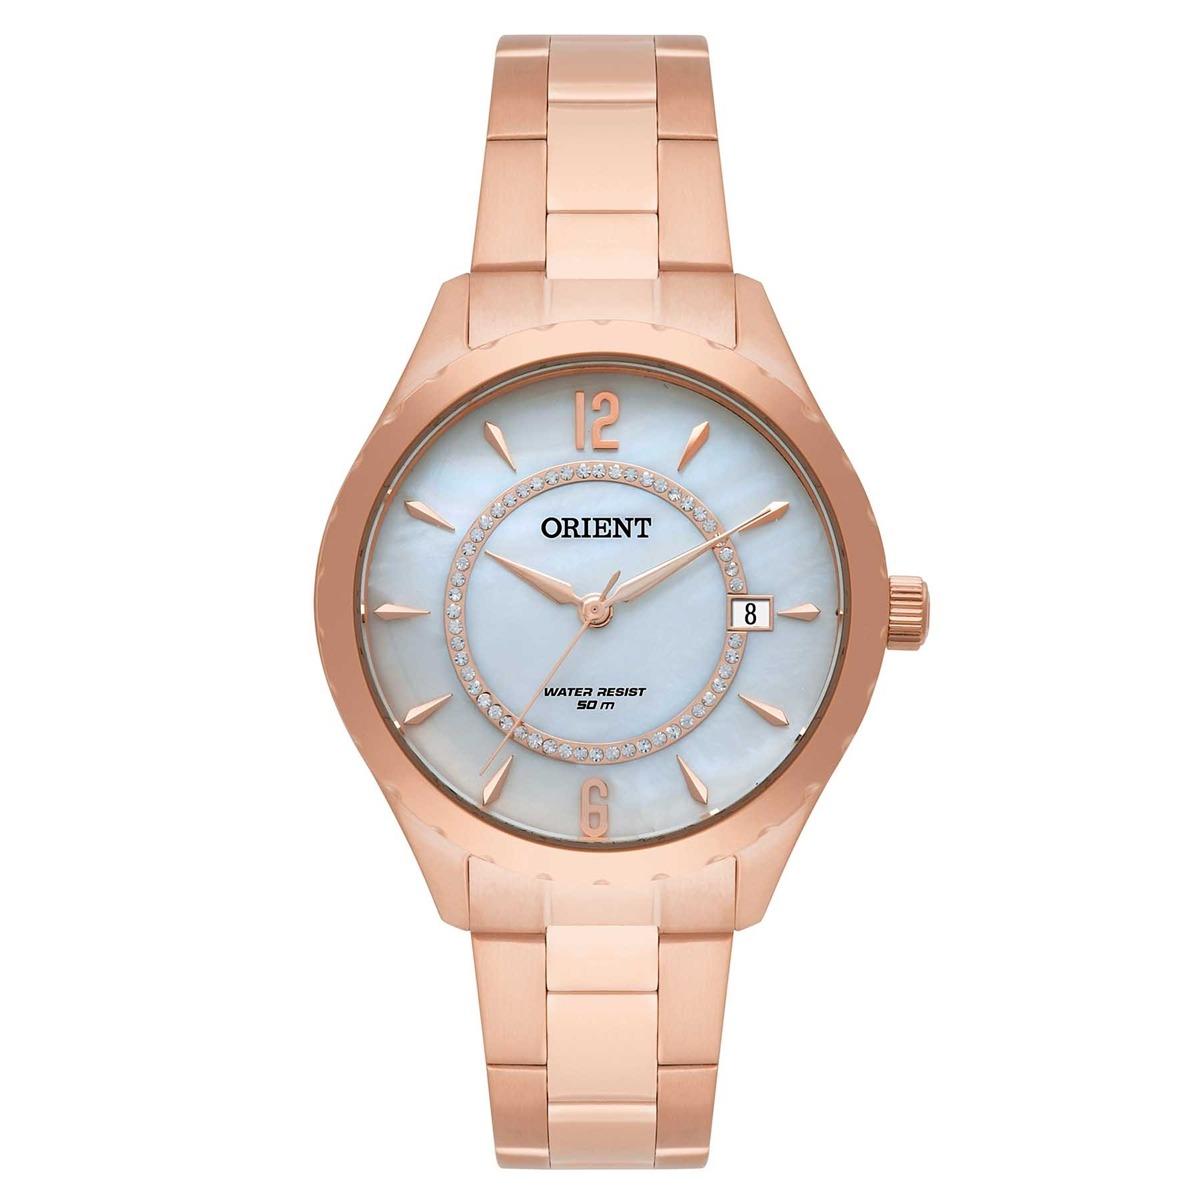 Relógio Orient Analógico Feminino Rose Frss1033 B2rx Swarovs - R ... 6c7b884538